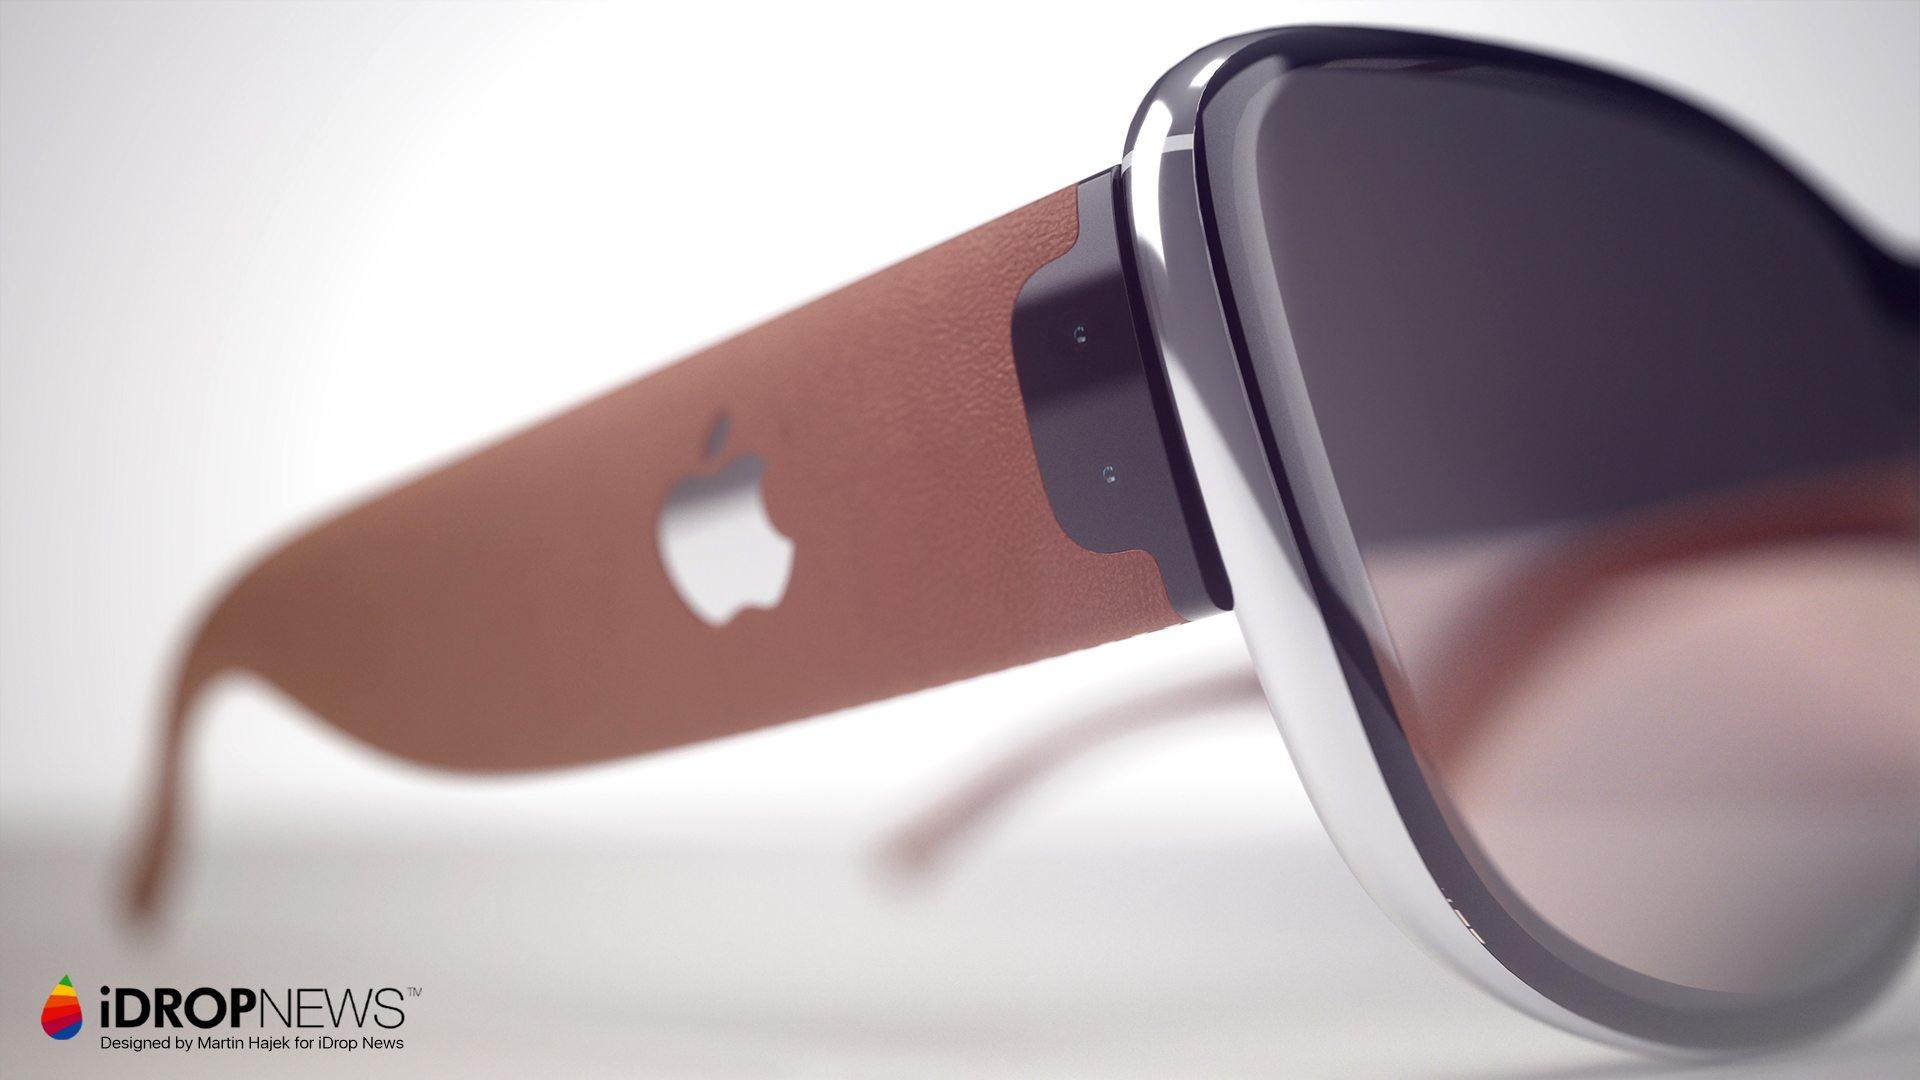 Apple-Glass-AR-Glasses-iDrop-News-x-Martin-Hajek-3jpg